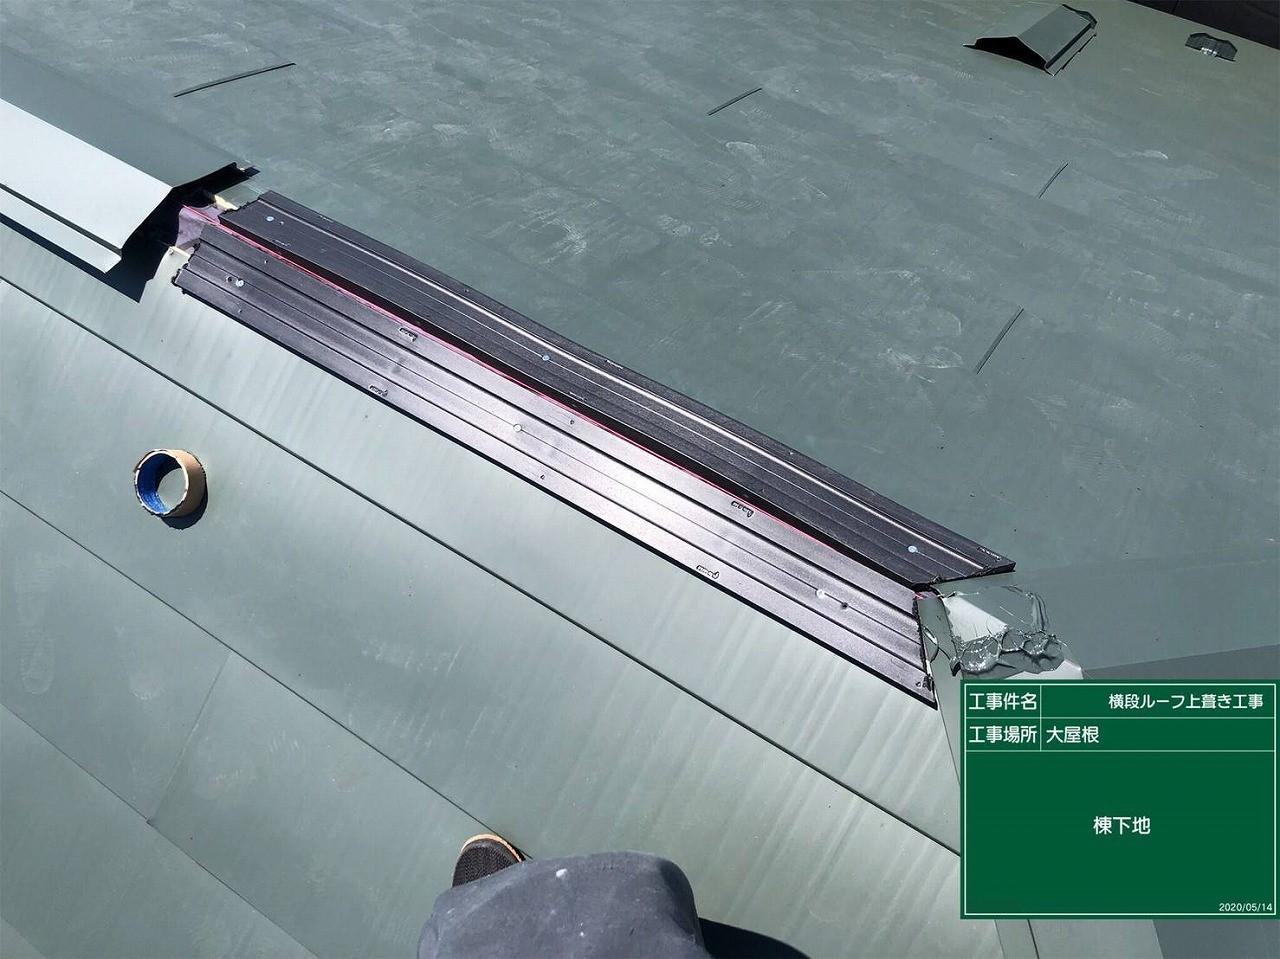 屋根工事施工写真 (31)HP